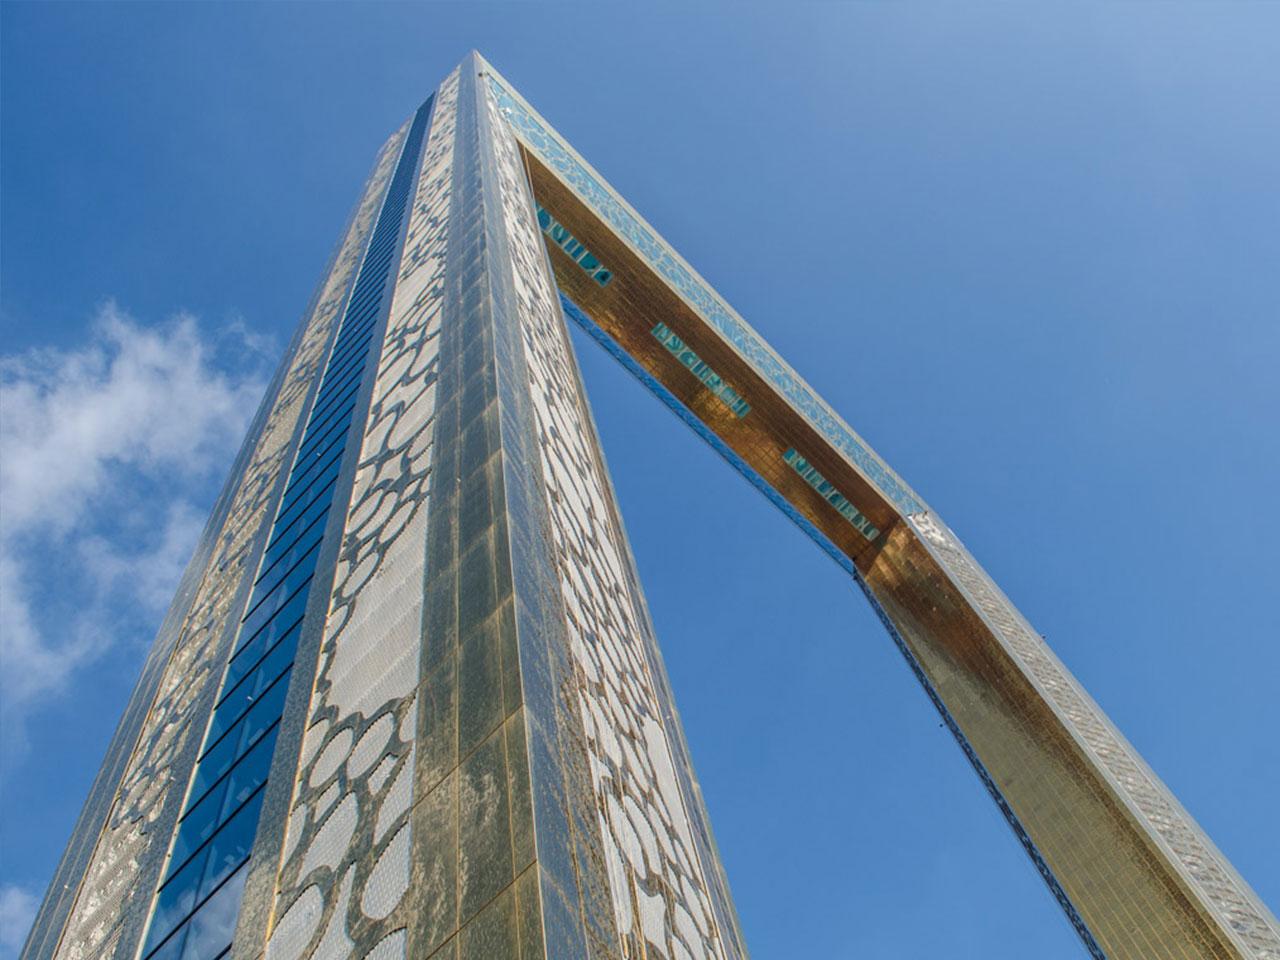 Dubai Frame Gallery 2 - Adventure Trip Tourism